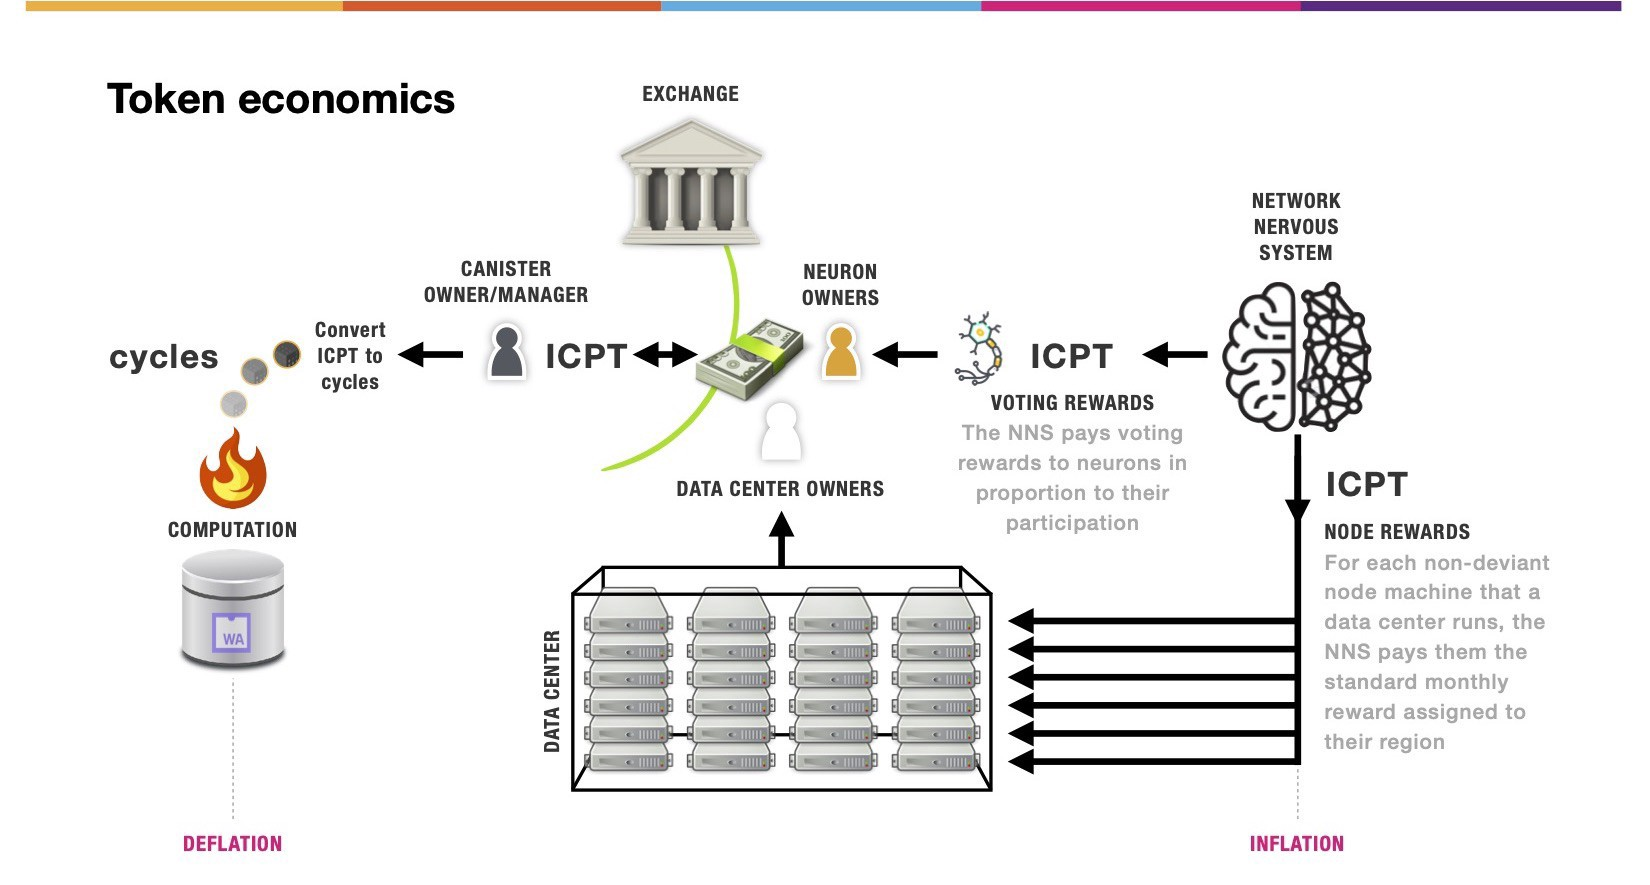 ICP token economics